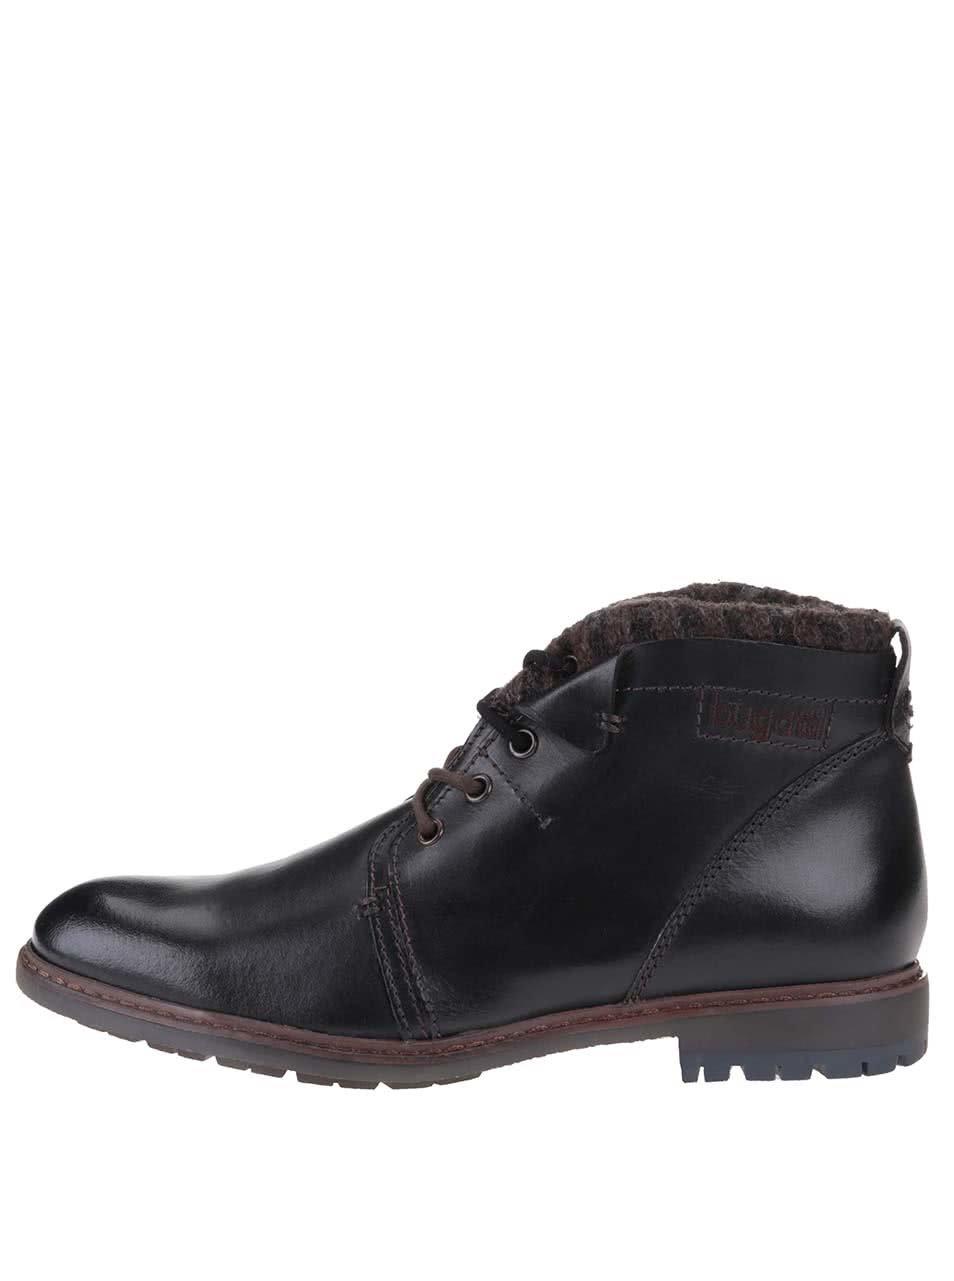 a7df302459f Černé pánské kožené kotníkové boty na zimu bugatti Roy ...